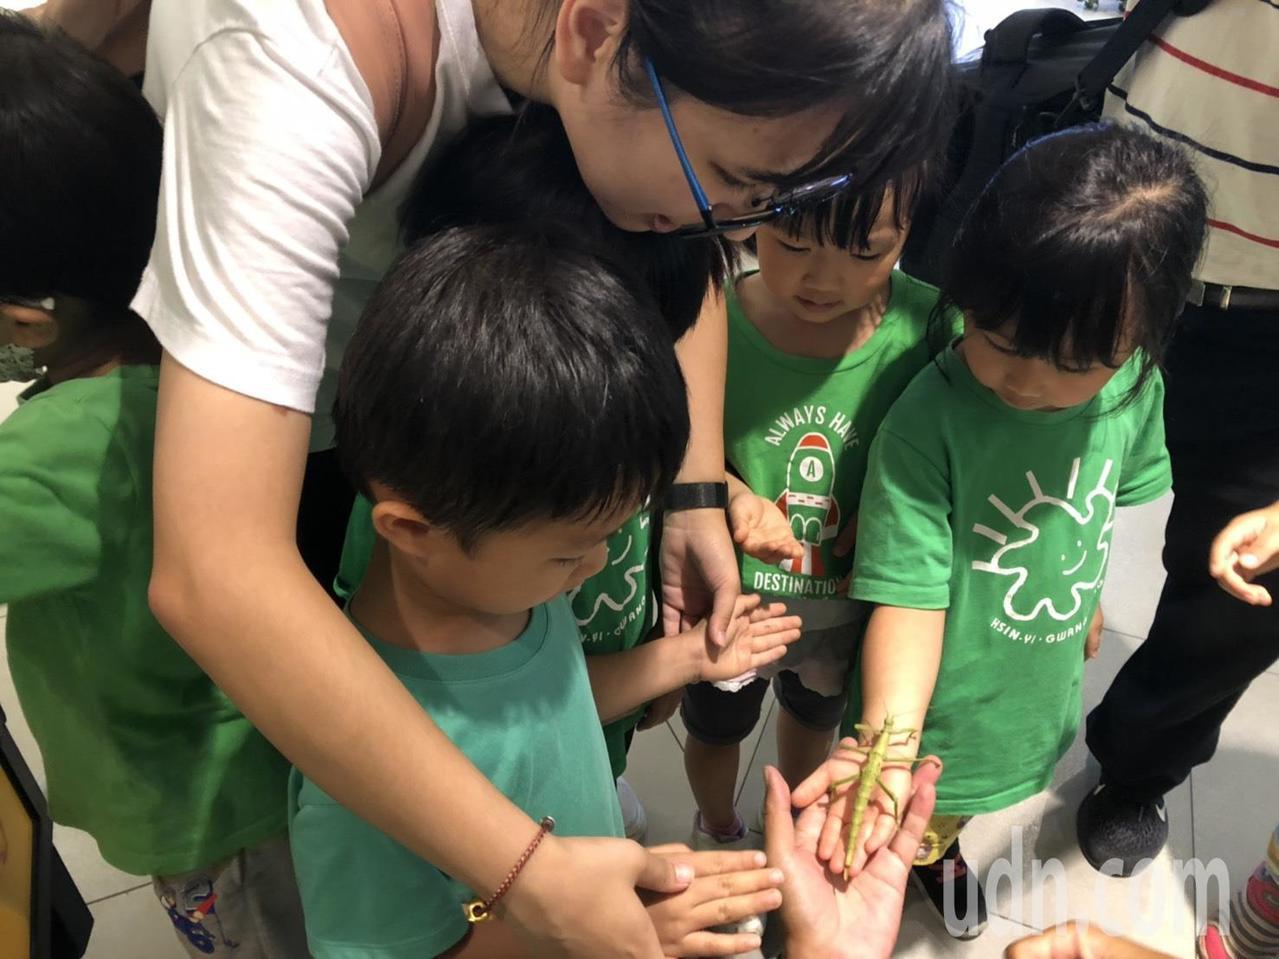 遠東集團昨邀請新竹地區三間幼兒園與東門國小五年級學童,近距離體會、觀賞各類型竹節...